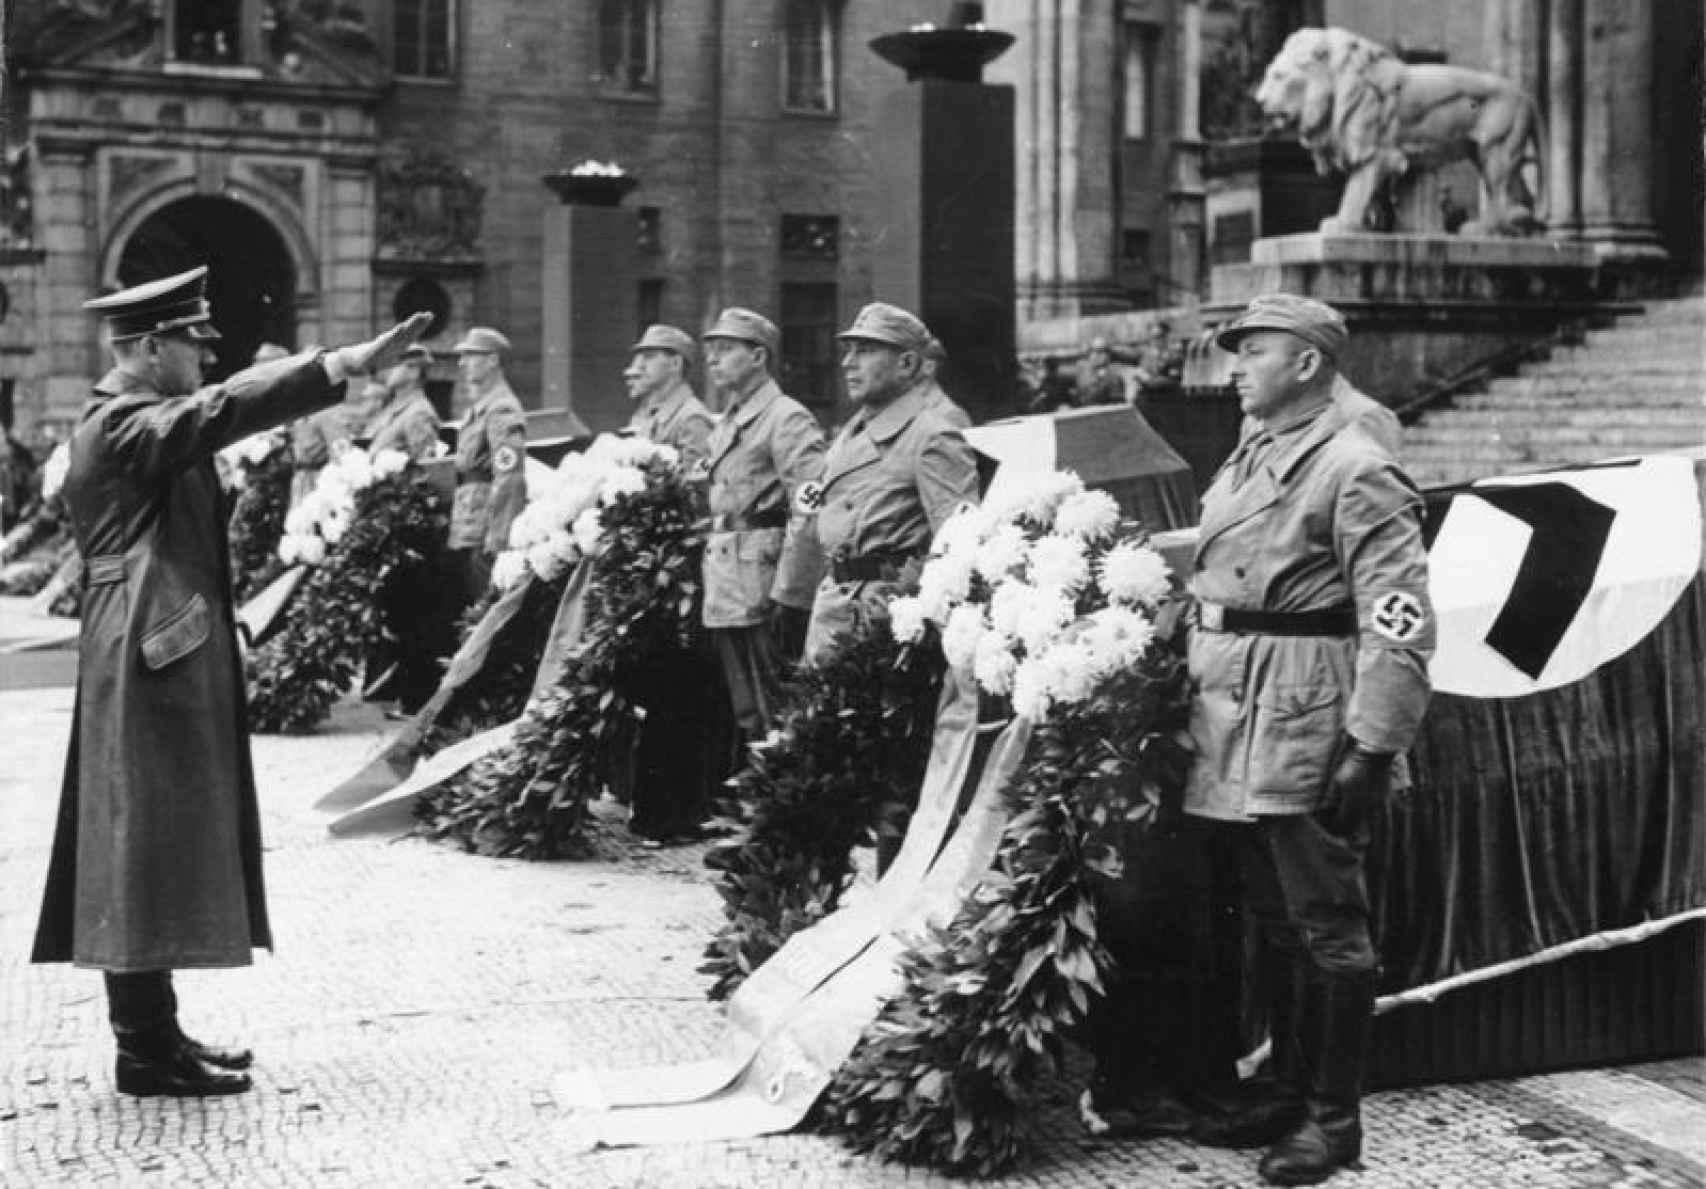 Homenaje de Hitler a los nazis fallecidos durante el intento de golpe de estado de 1923.